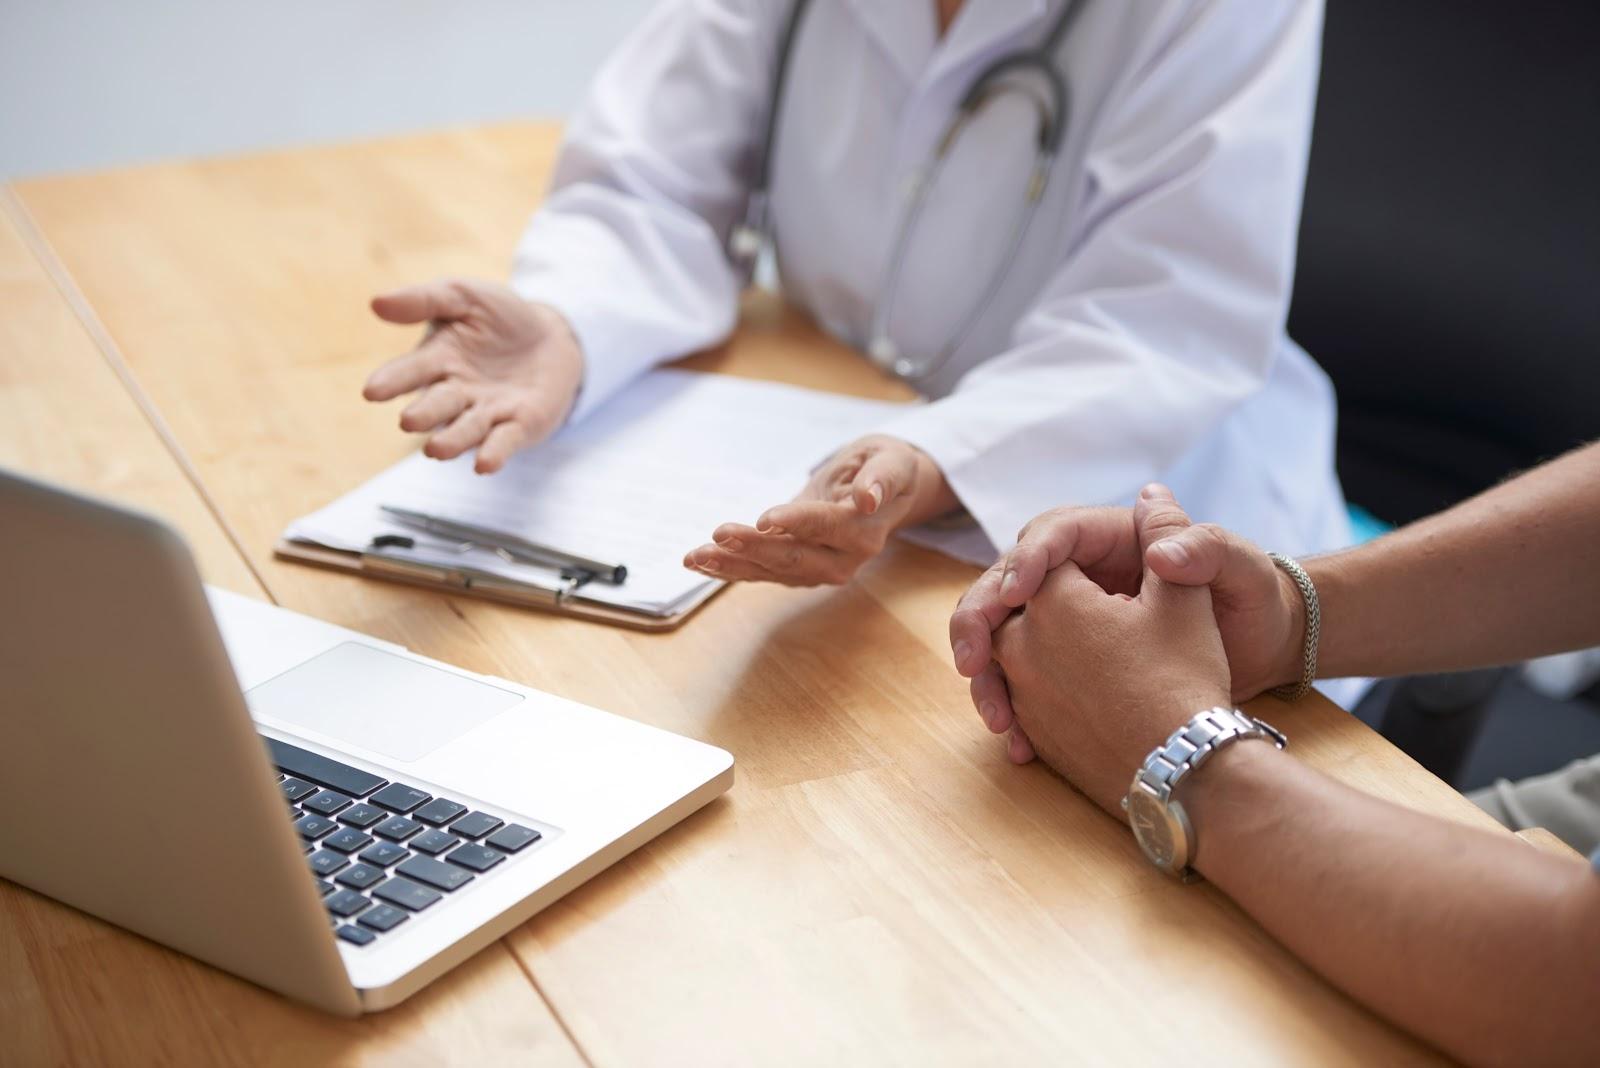 Profissionais da saúde precisam de autorização para utilizar informações de pacientes. (Fonte: Freepik)